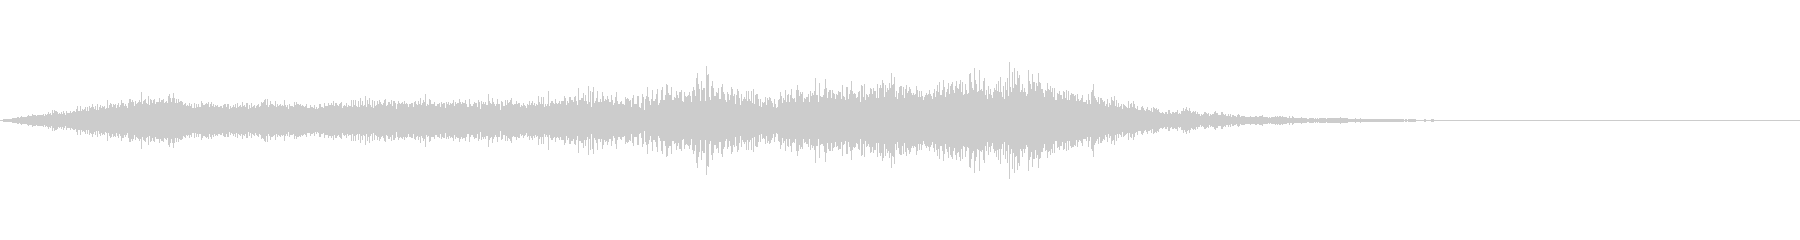 スペイシーな空間音 Cメジャーの未再生の波形